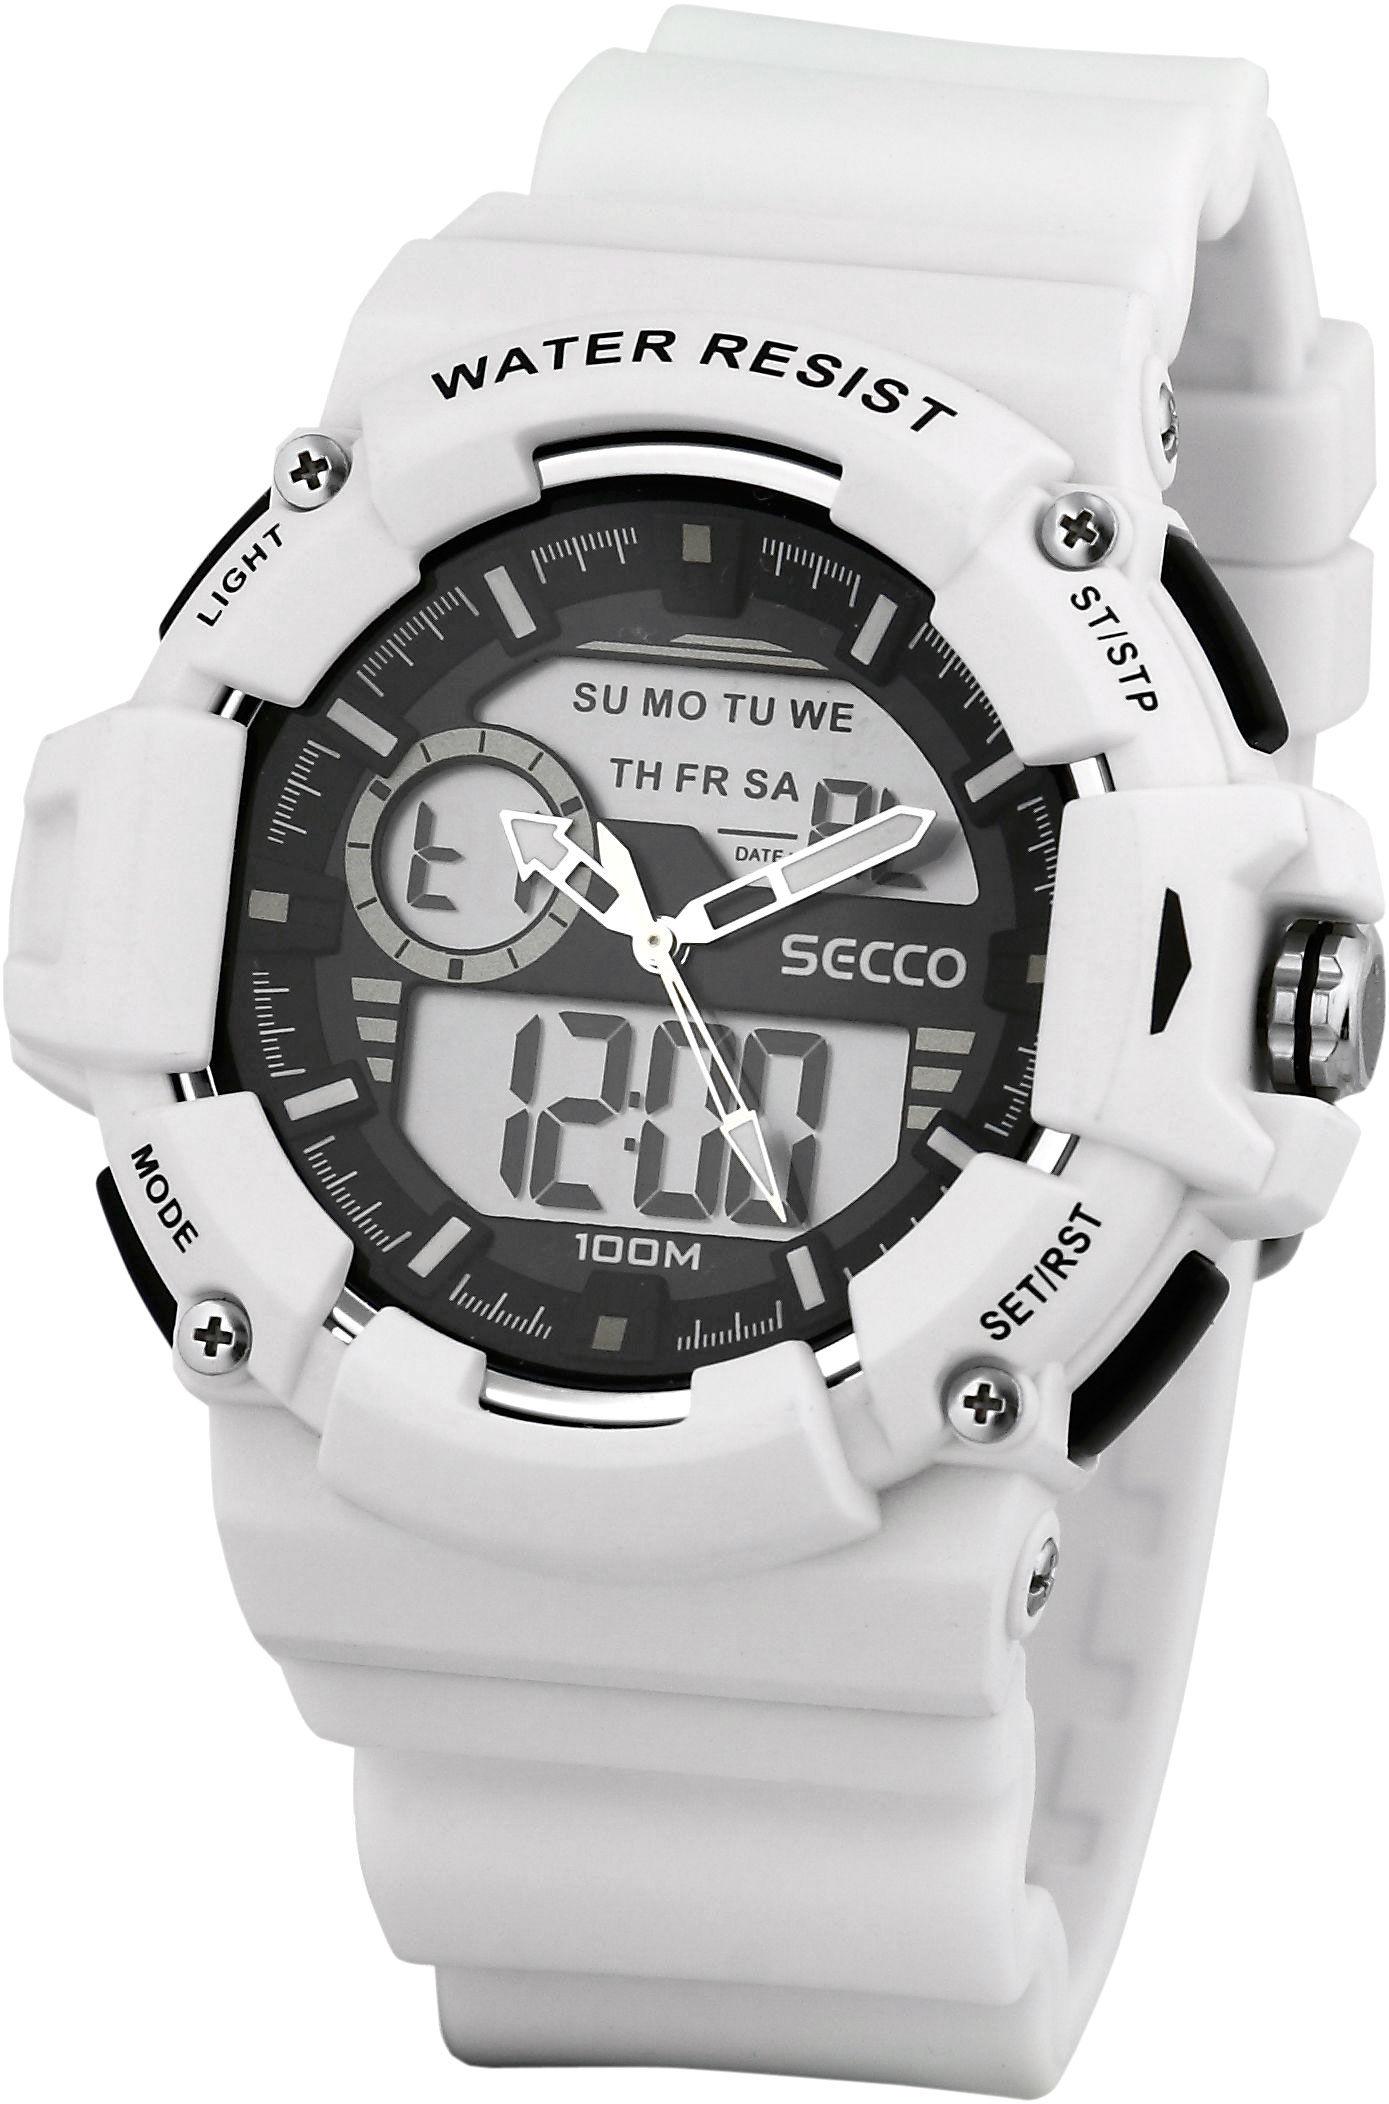 11a45e32d Pánske hodinky - silikónový remienok, plast puzdro, minerálne sklíčko.  Všetky technické parametre nájdete nižšie